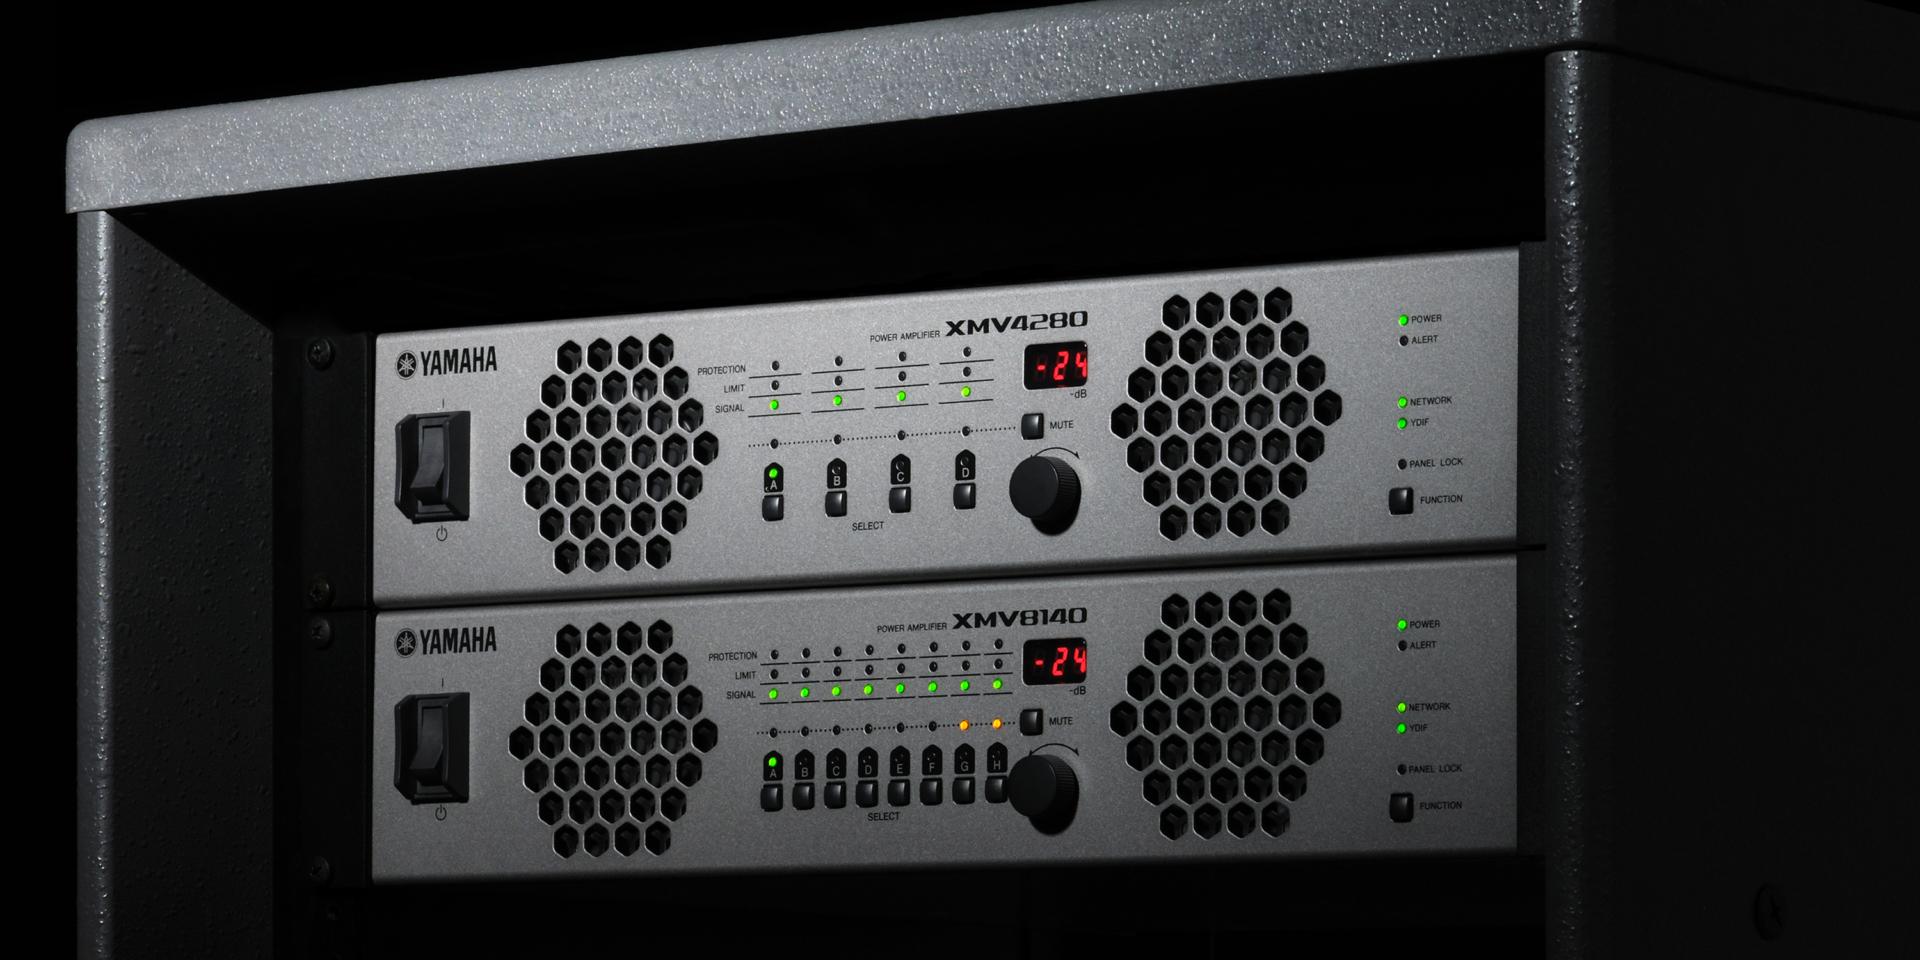 Gli amplificatori multi-canale Yamaha della serie XMV combinano l'efficienza della Classe D con caratteristiche appositamente progettate per le installazioni commerciali. La serie è costituita da 8 diversi modelli per soddisfare una vasta gamma di esigenze.